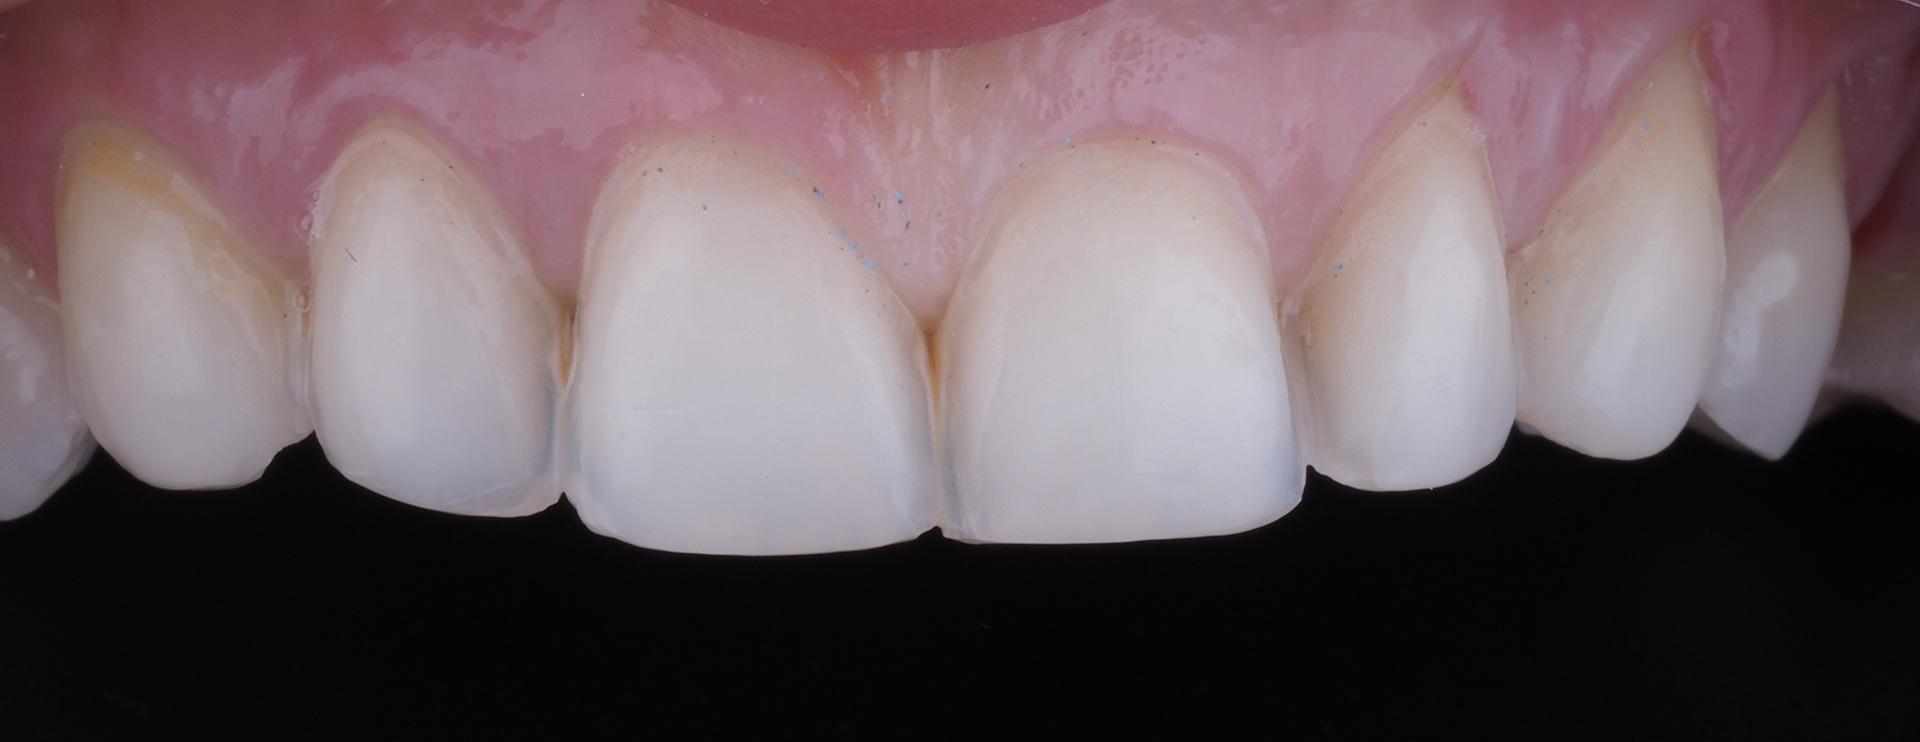 Зубы после обработки.